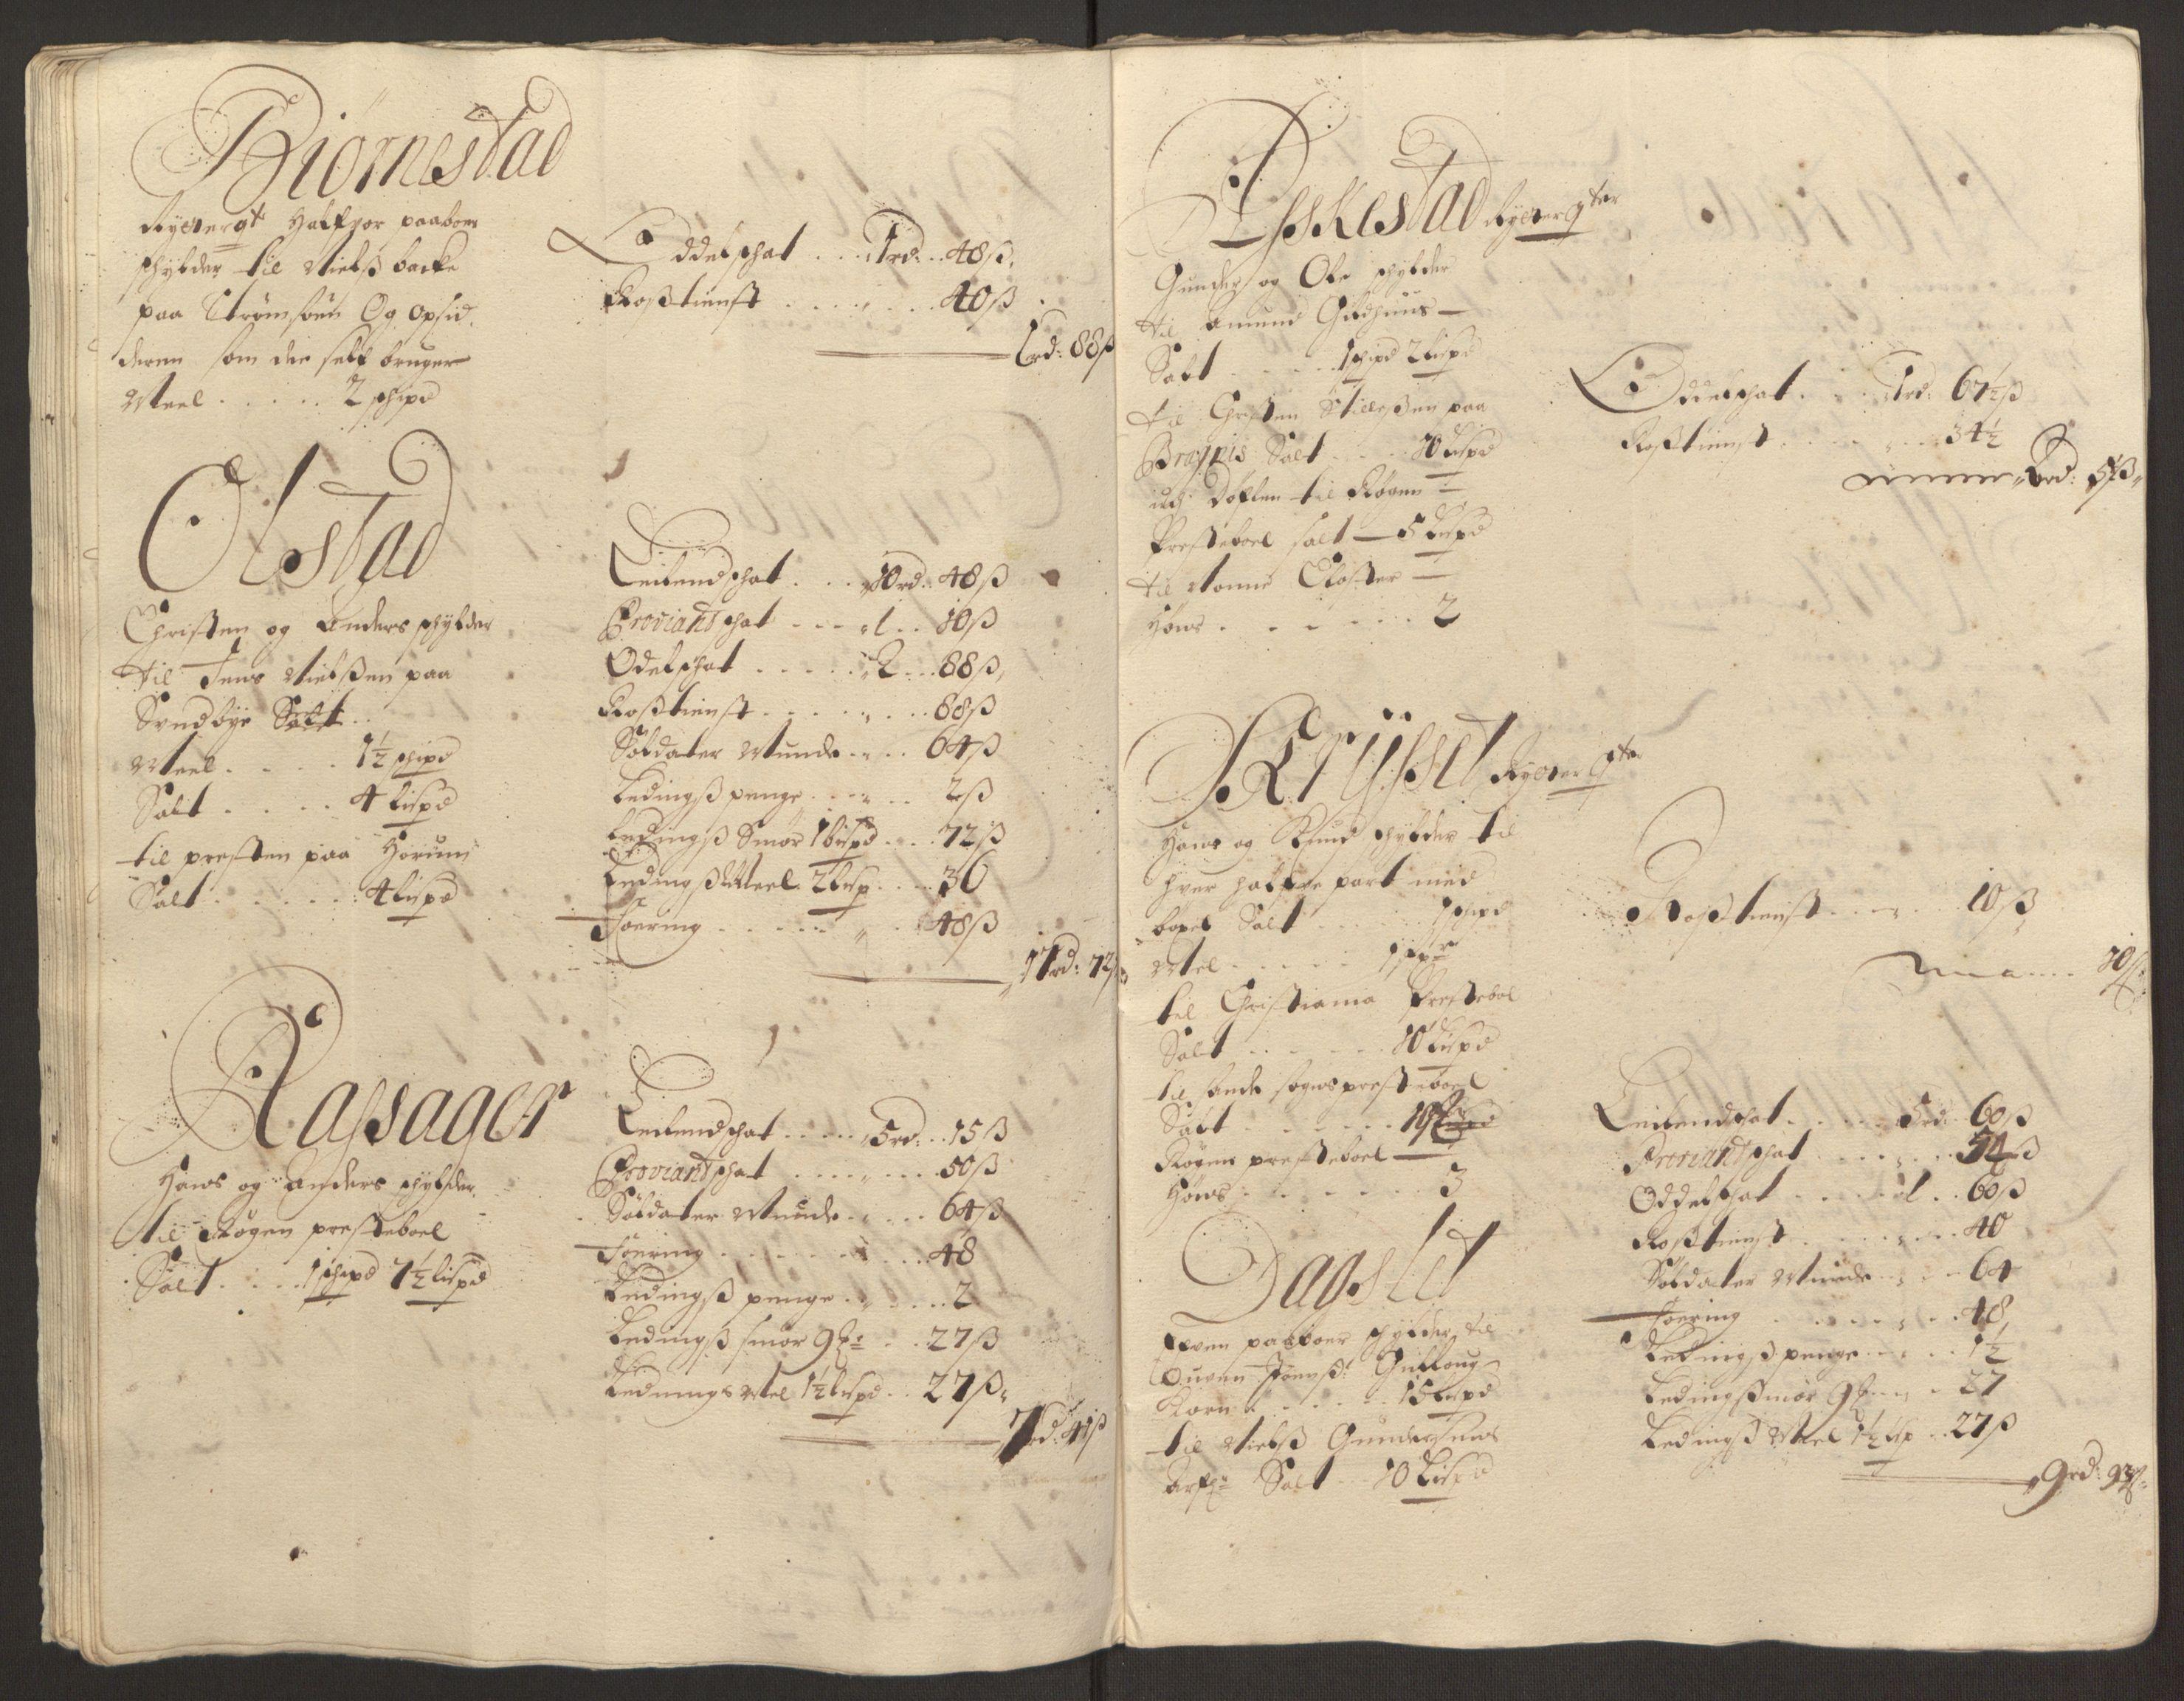 RA, Rentekammeret inntil 1814, Reviderte regnskaper, Fogderegnskap, R30/L1694: Fogderegnskap Hurum, Røyken, Eiker og Lier, 1694-1696, s. 352